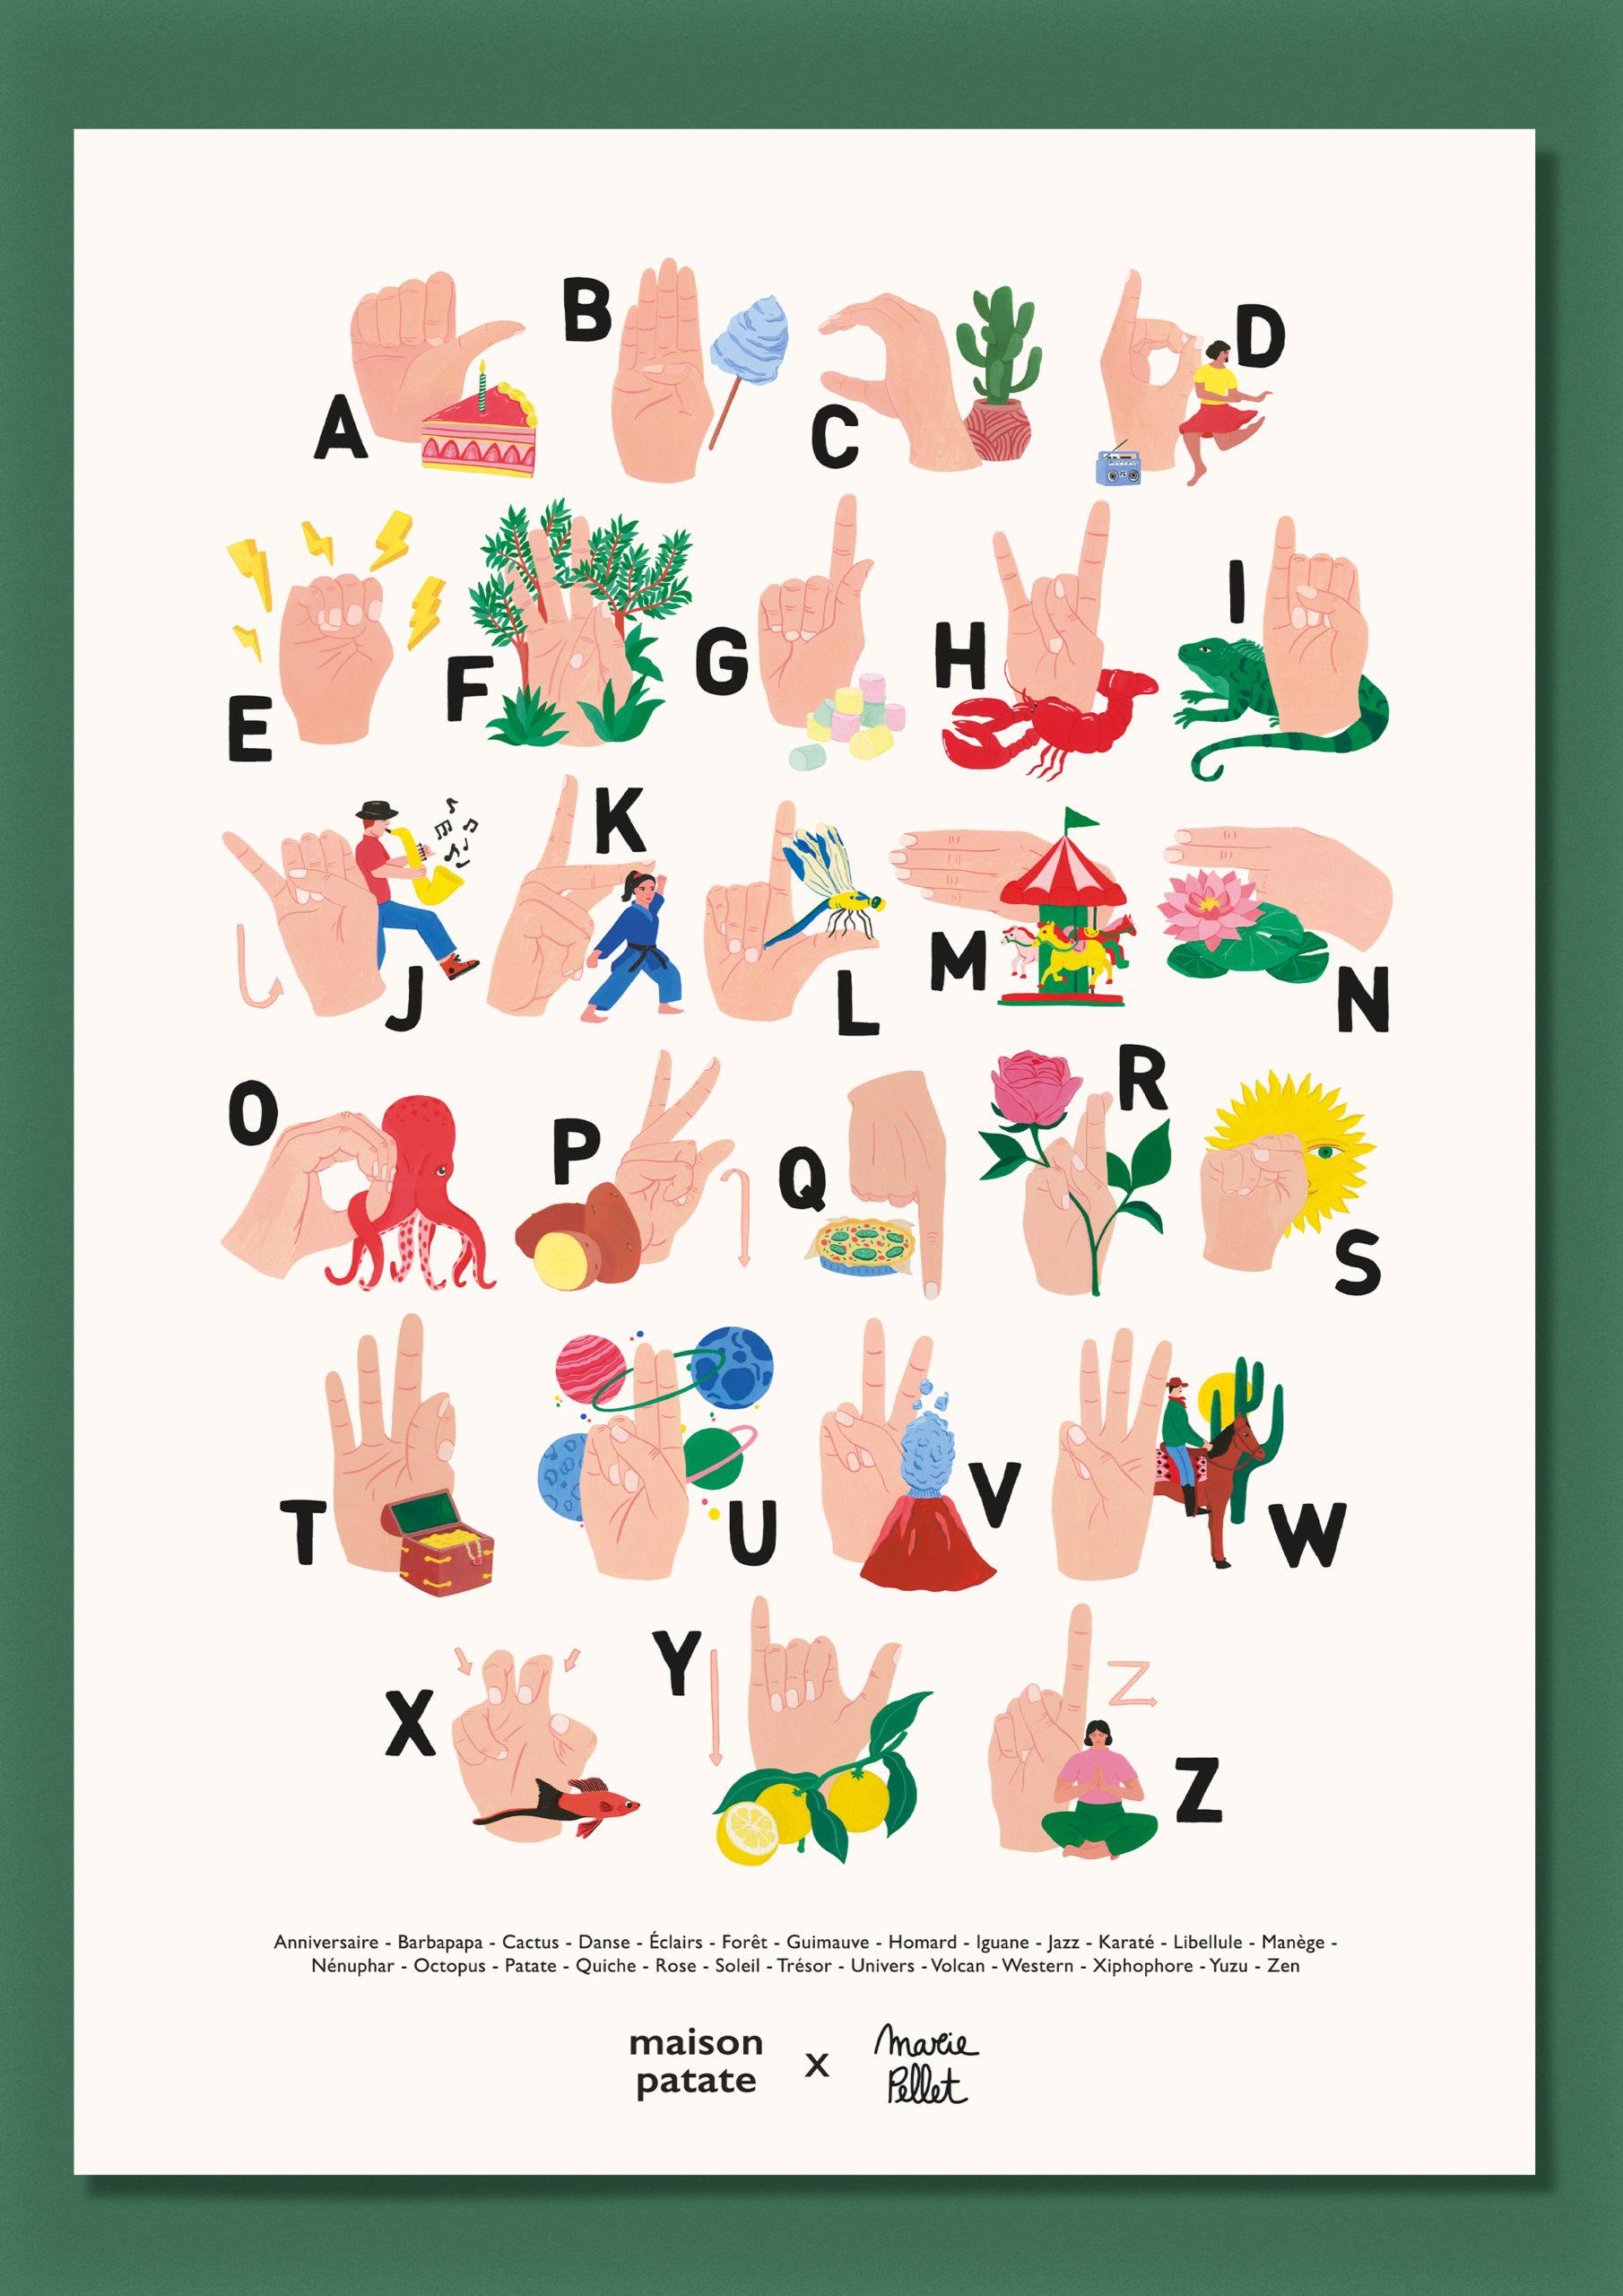 Marie Pellet - Maison Patate - abécédaire - langue des signes - LSF - Illustration - gouache - affiche